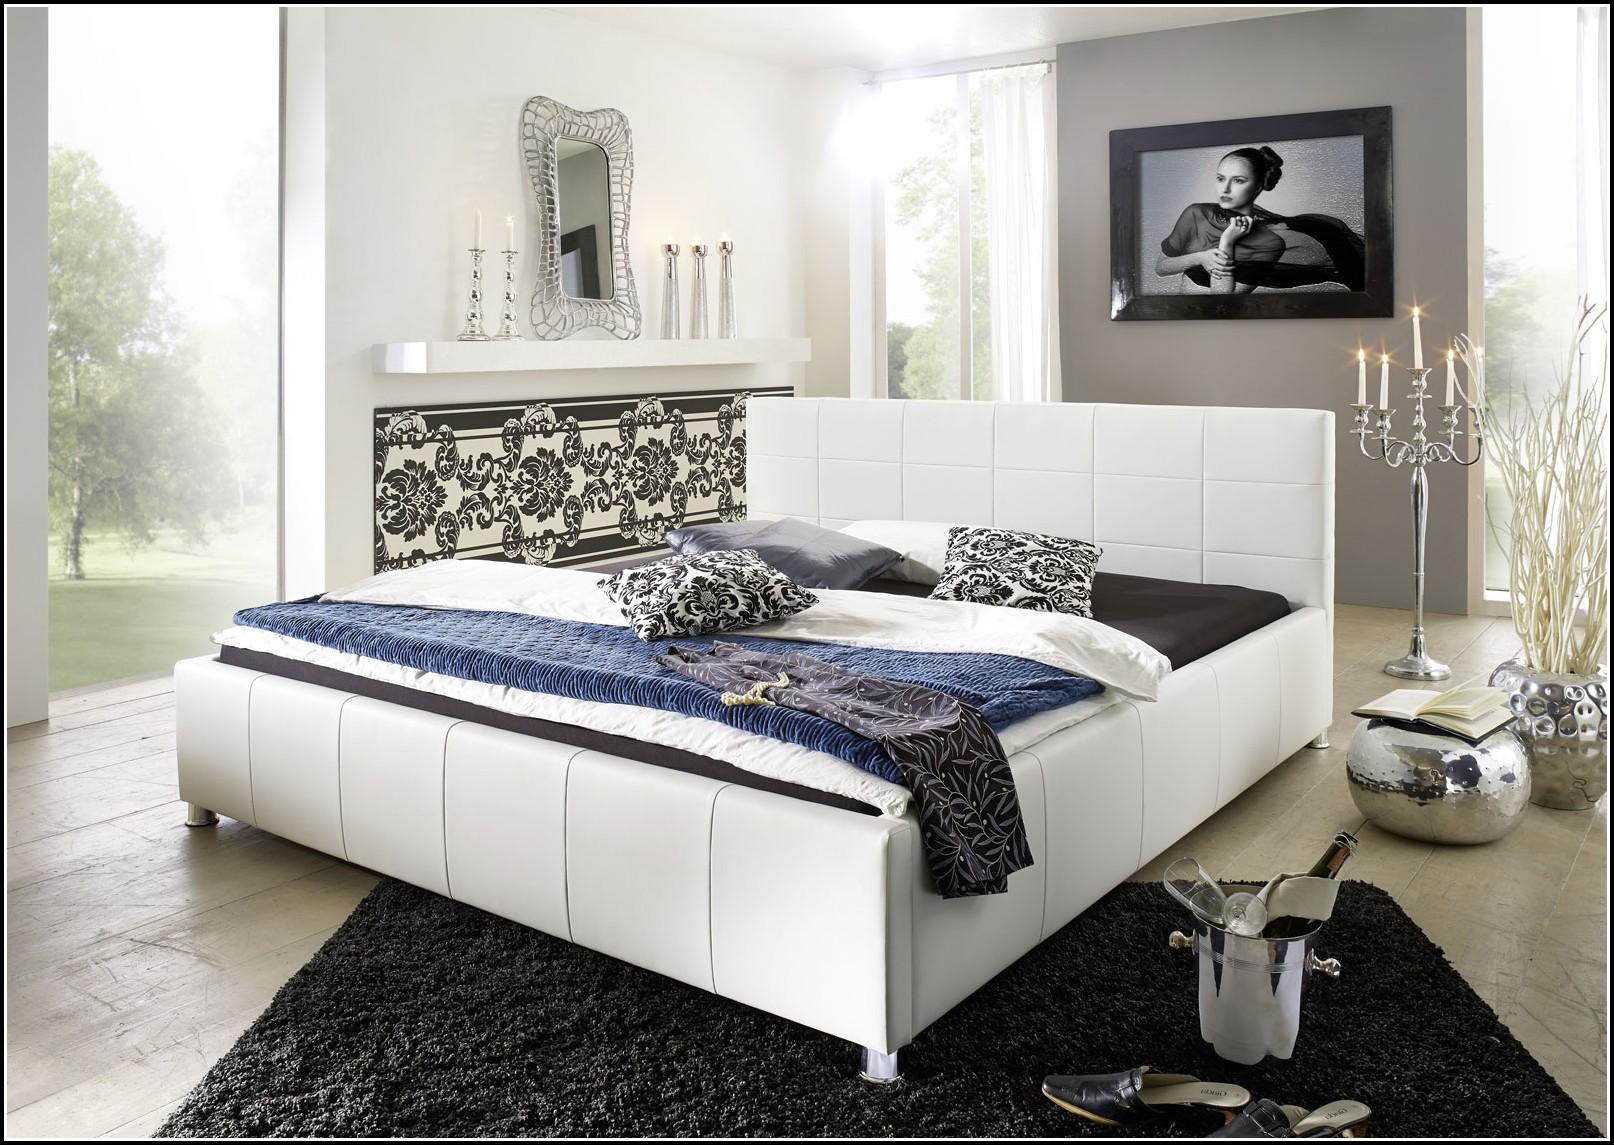 Full Size of Bett 100200 Wei Dolce Vizio Tiramisu Regal Metall Weiß Sofa Mit Bettfunktion Modern Design Gebrauchte Betten Jensen Ohne Kopfteil Stauraum 140 X 200 Bett Bett Weiß 100x200